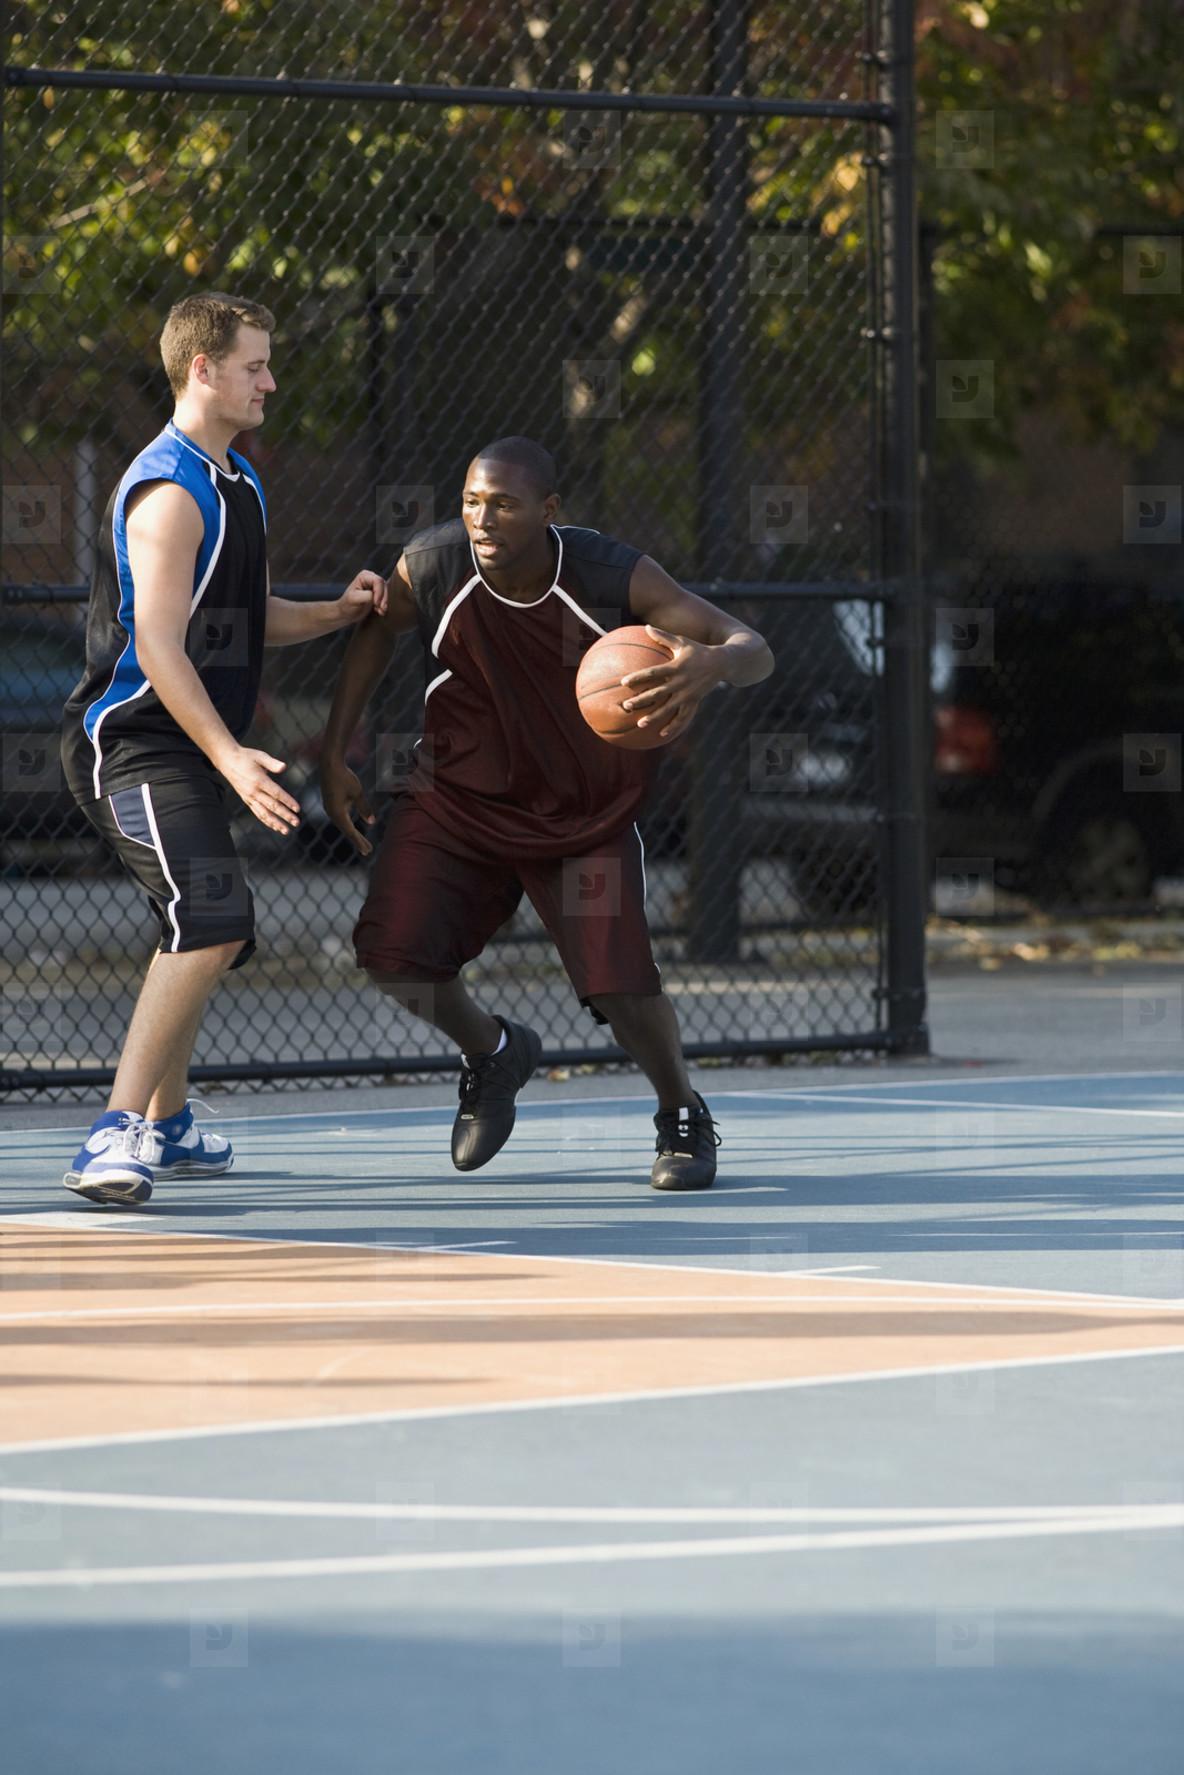 NYC Basketball  02